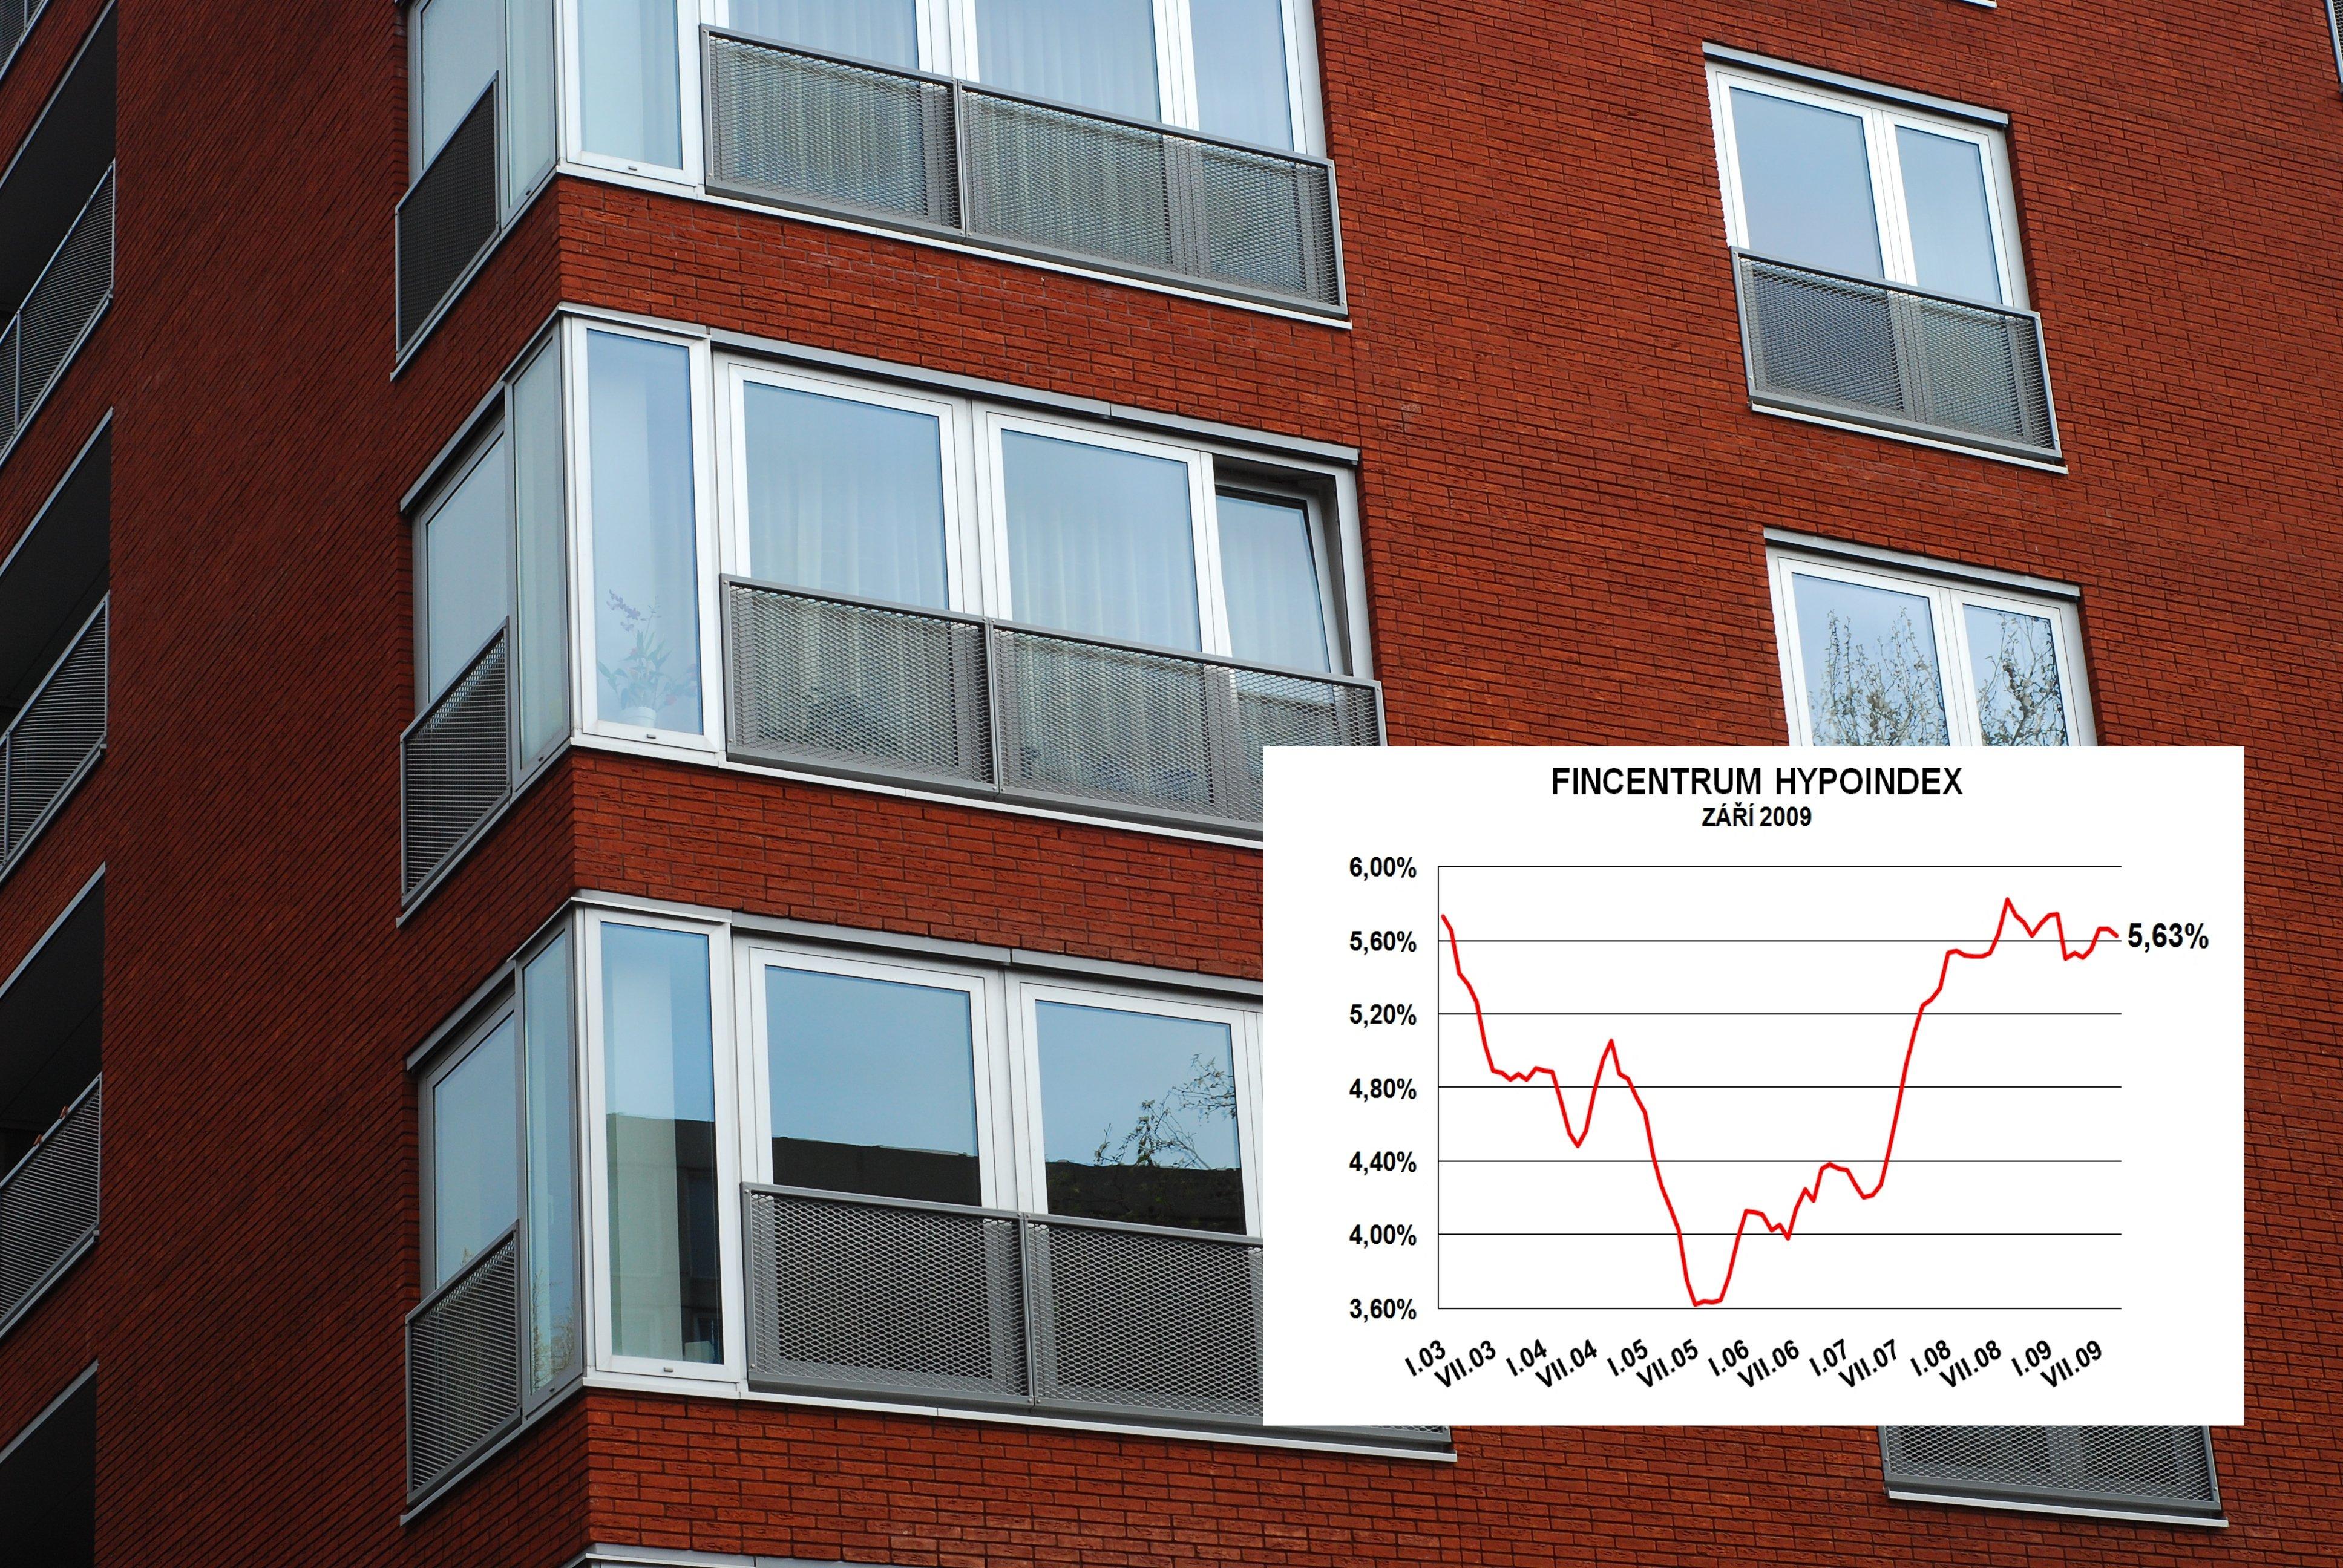 Hypoindex září 2009: Snižování úrokových sazeb zatím bez efektu